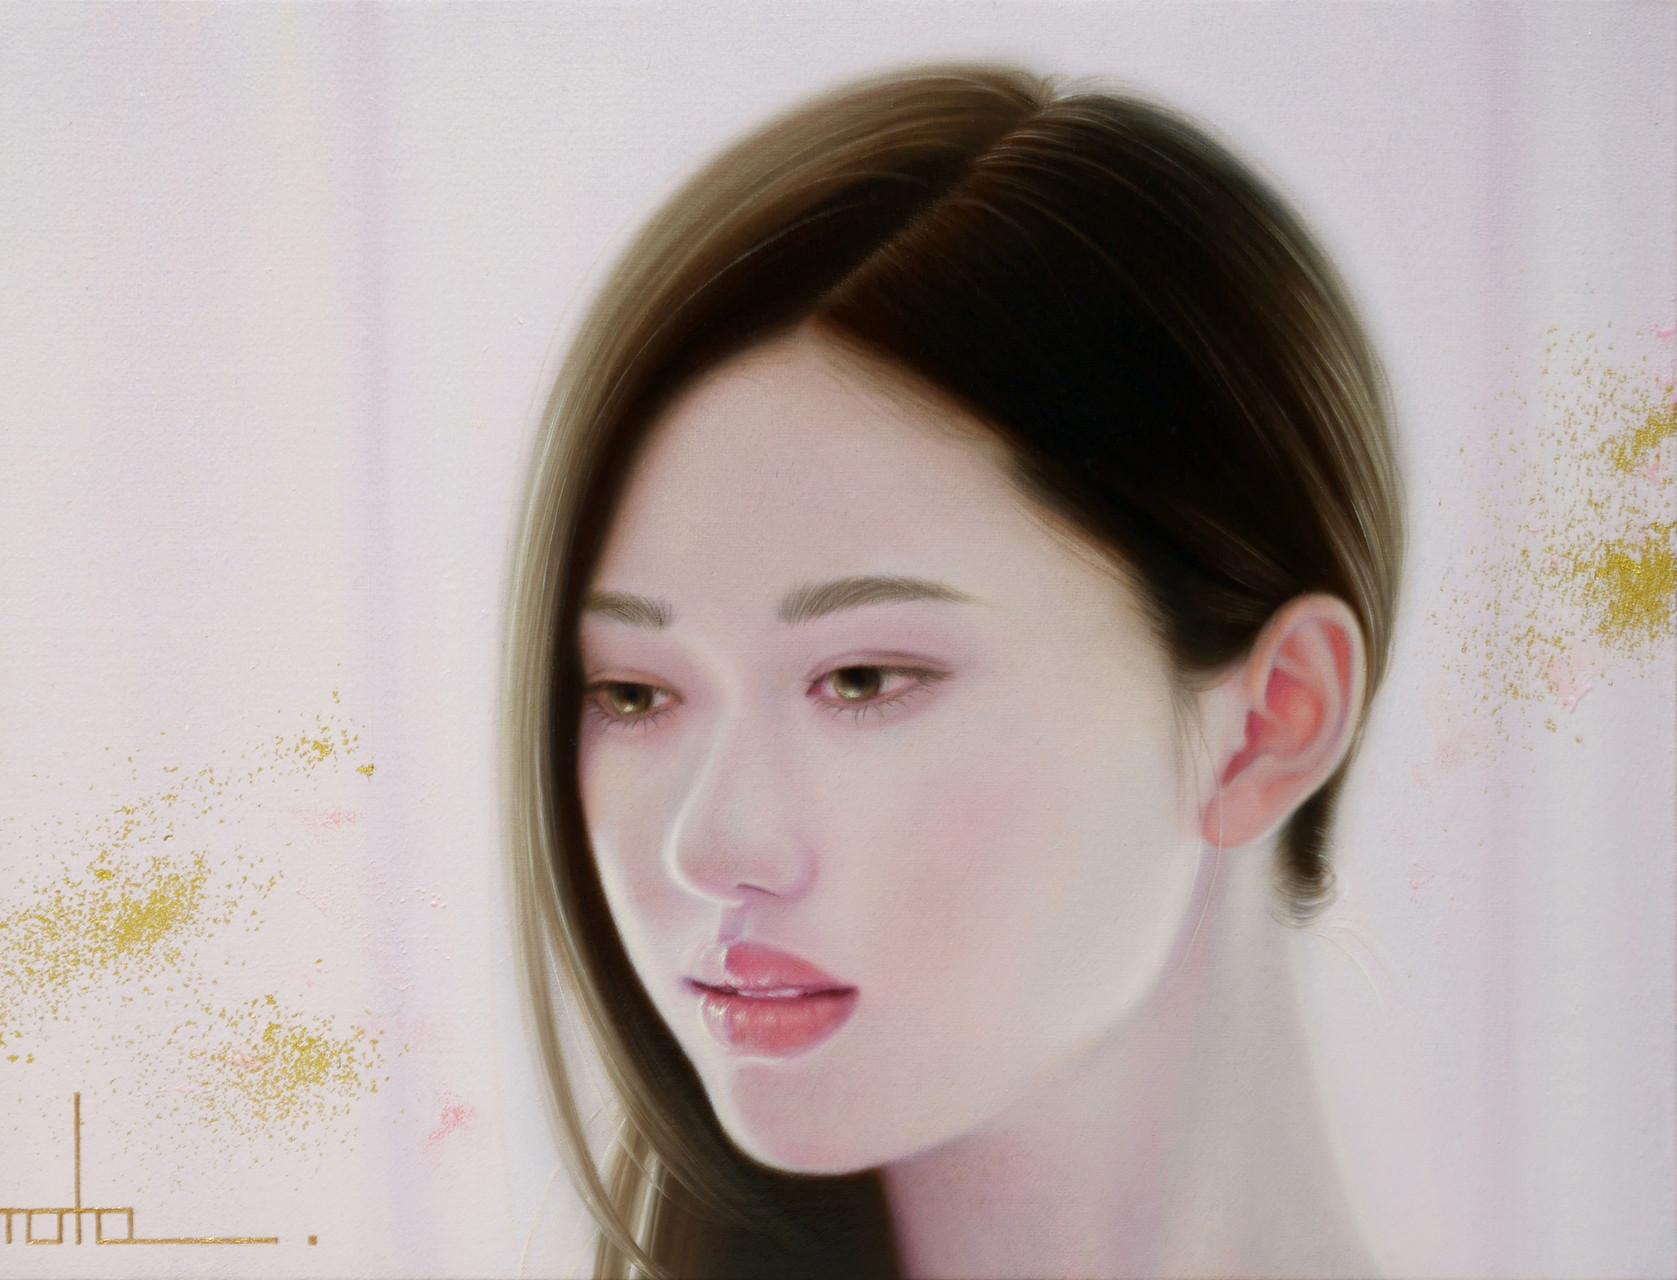 「余白にある ... やわらかな光と君」 3号M(27.3×16.0cm) 部分 油彩画、金箔